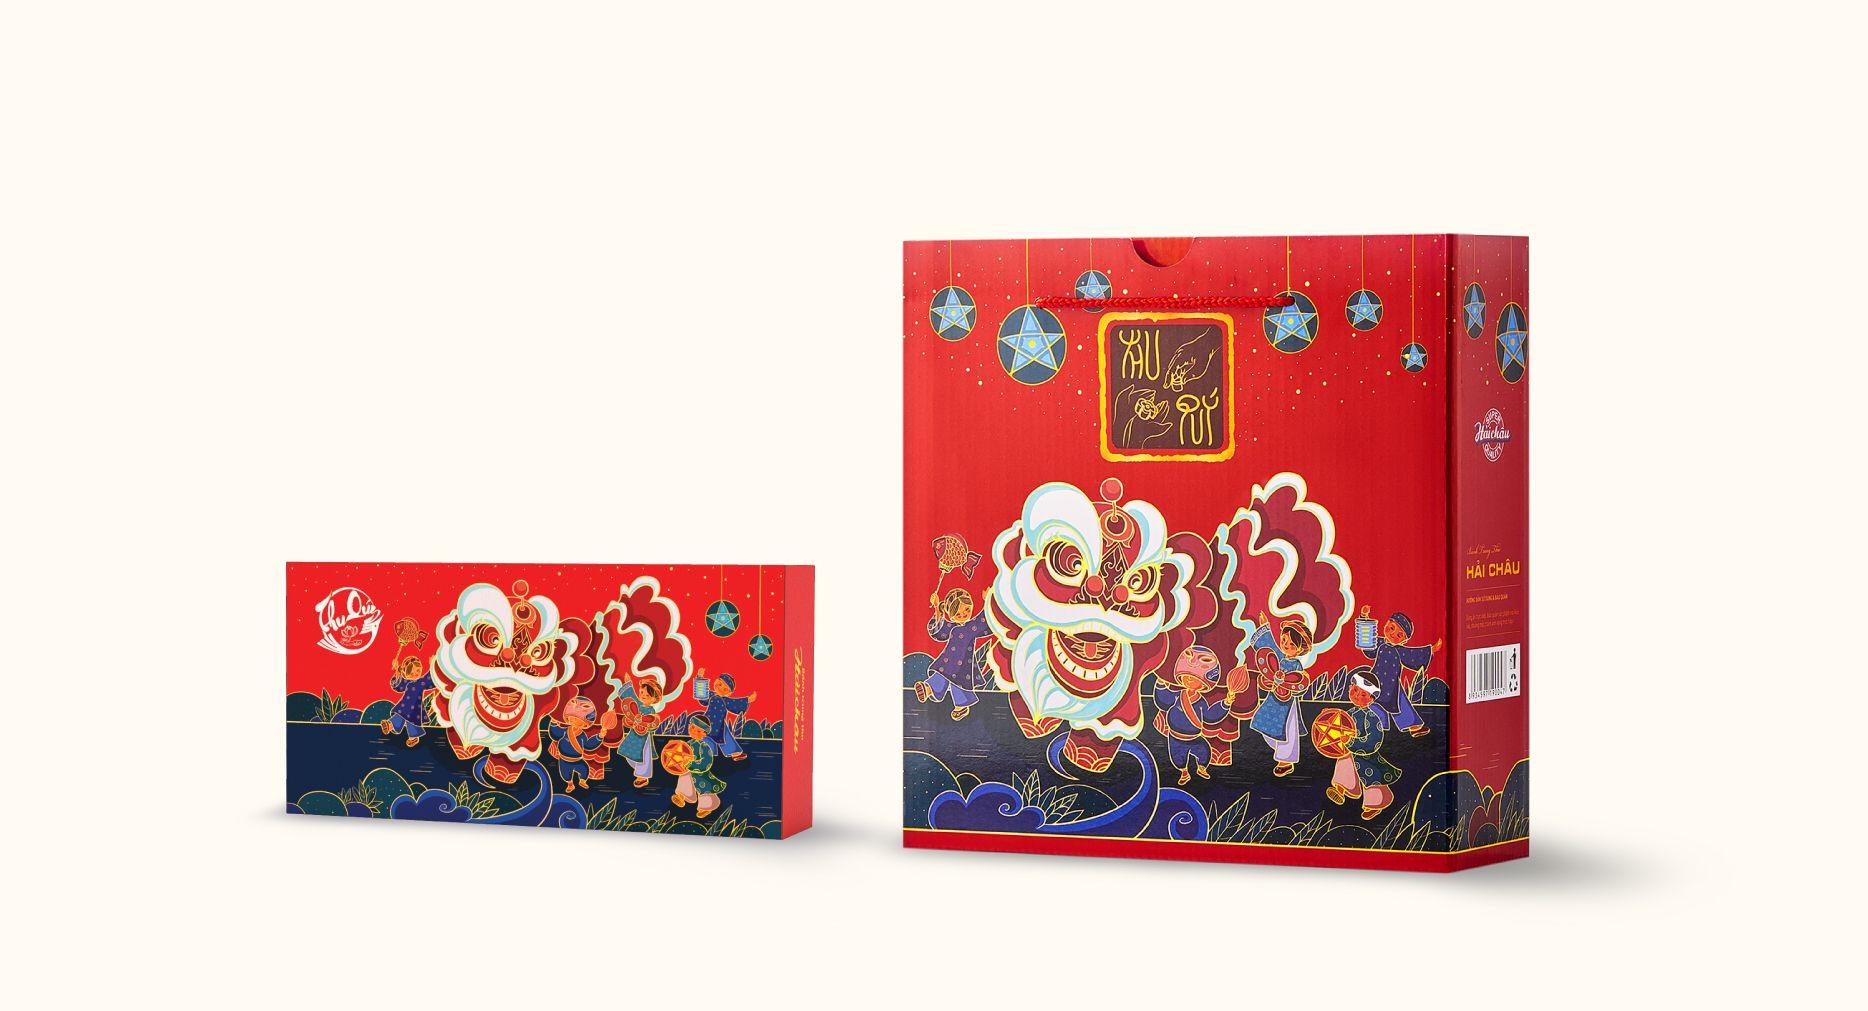 Packaging Design For Hai Chau S Mid Autumn Mooncake 2019 World Brand Design Packaging Design Brand Strategy Design Creative Packaging Design